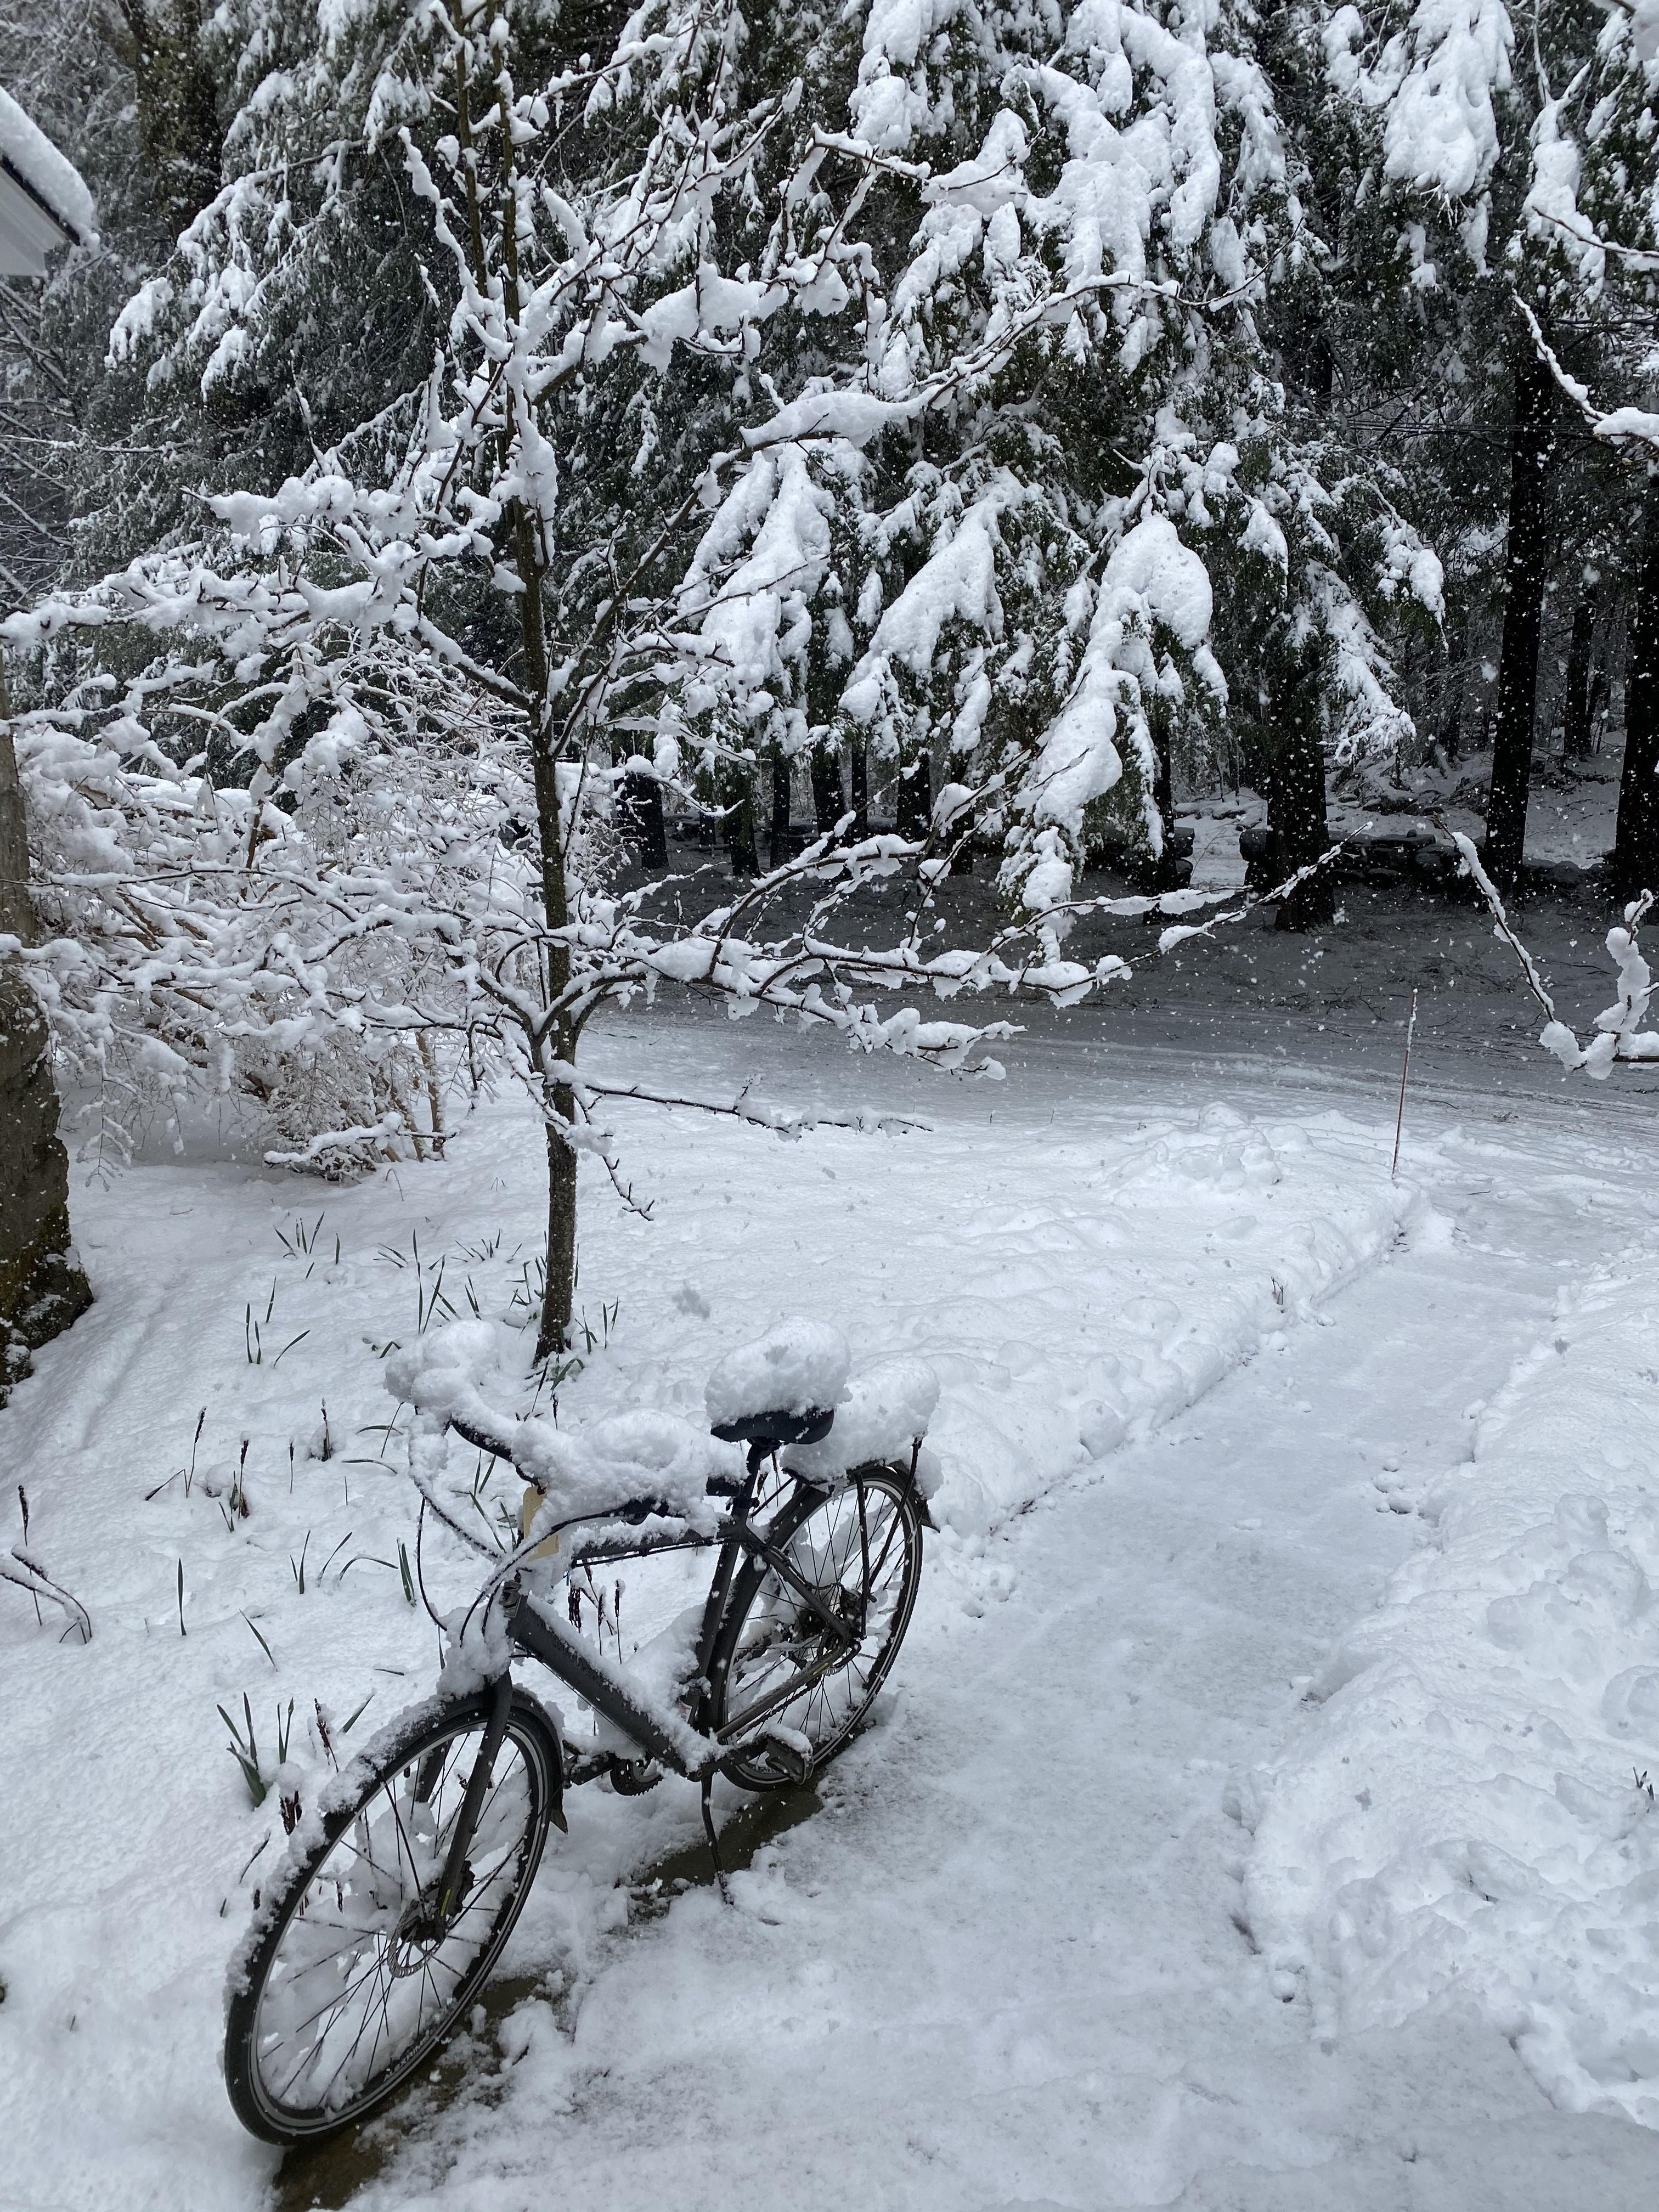 Snowy bike at Macdowell